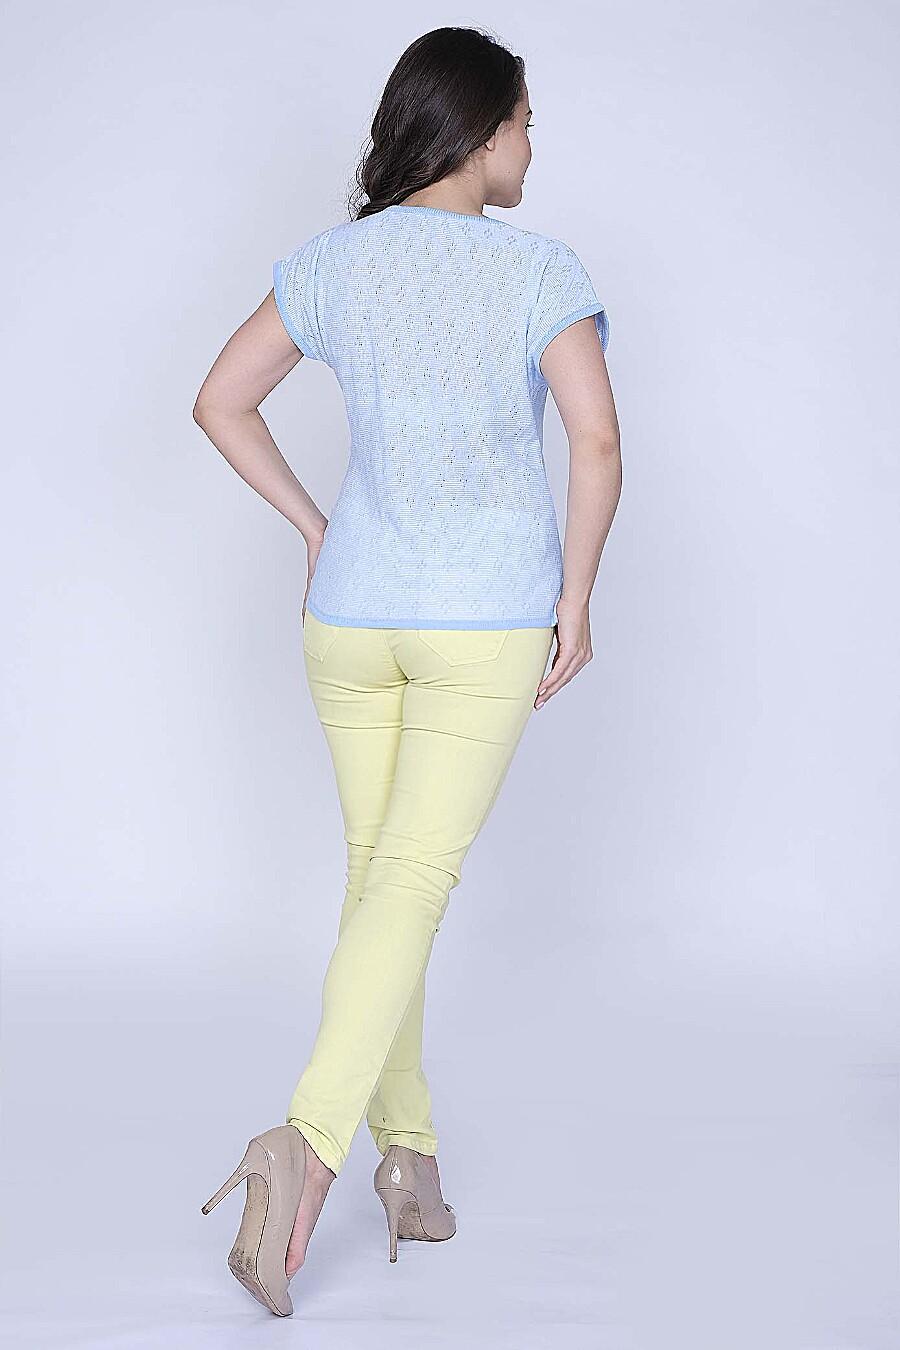 Джемпер для женщин ANKOLI 184480 купить оптом от производителя. Совместная покупка женской одежды в OptMoyo